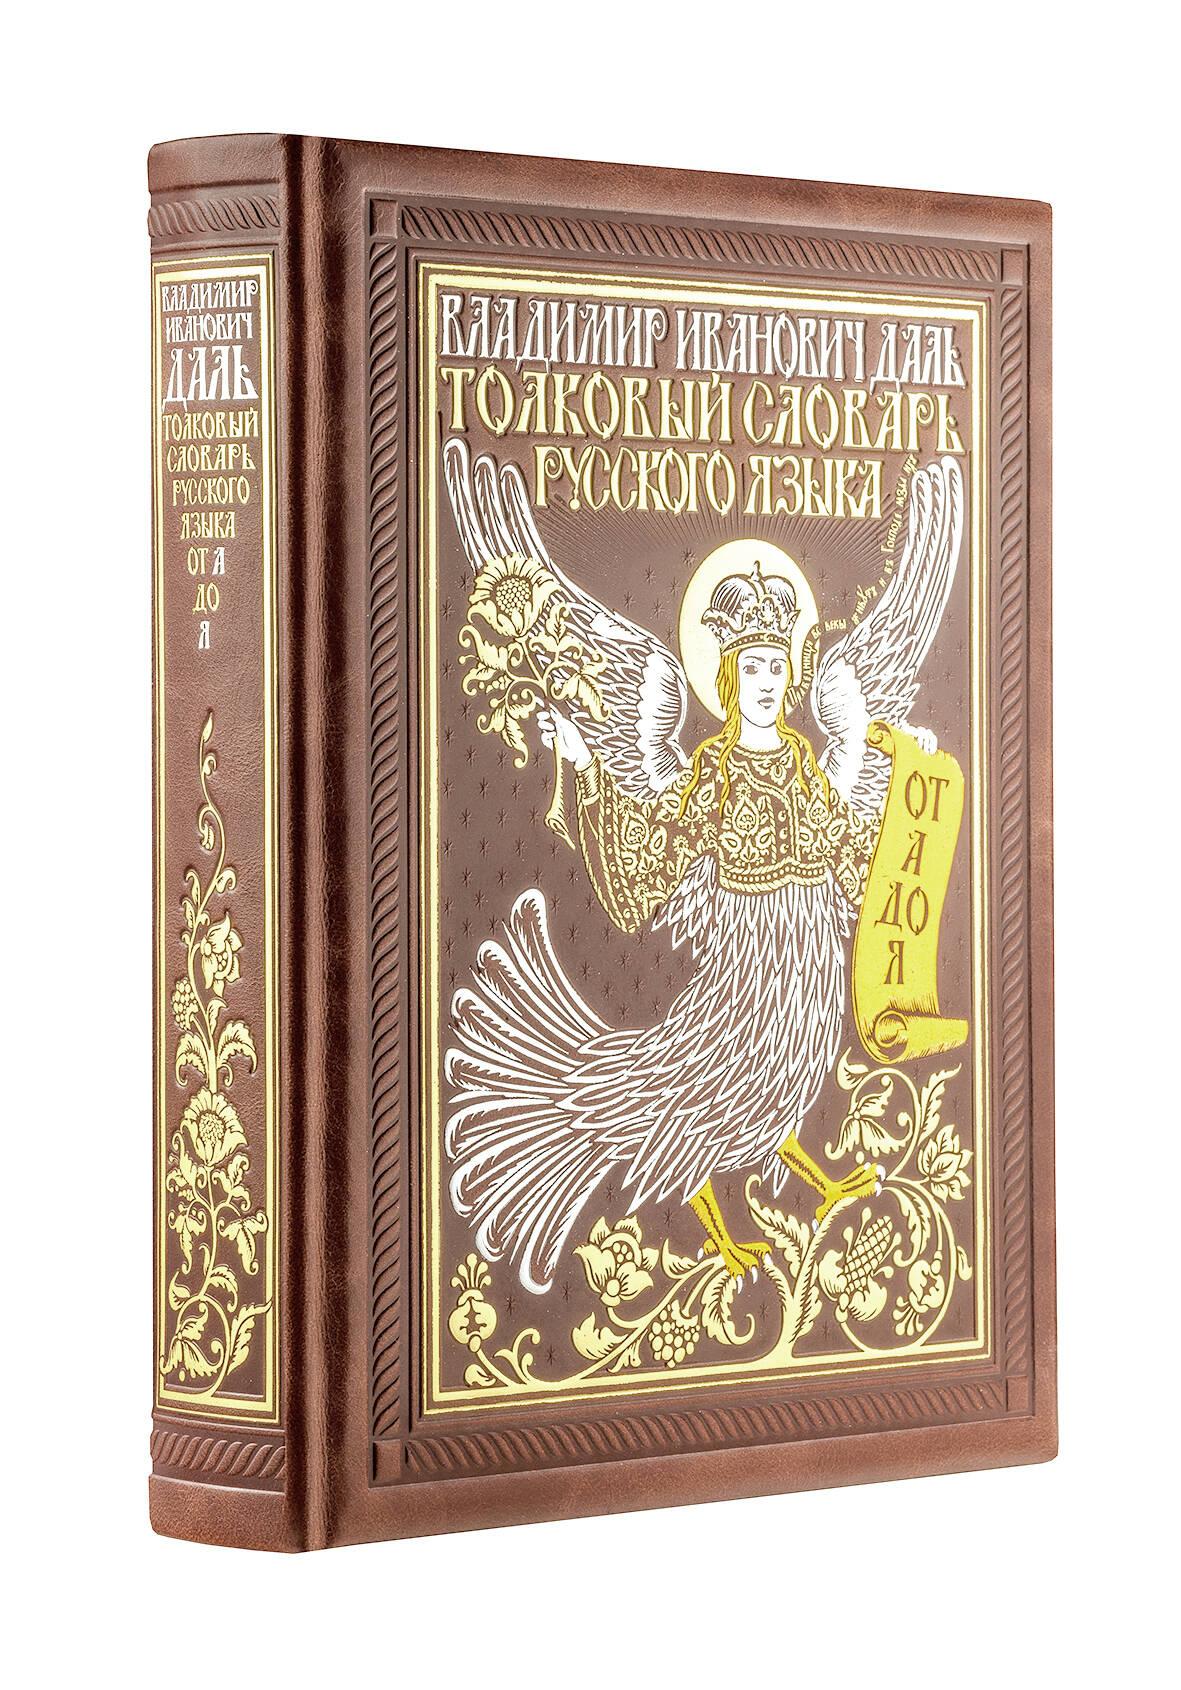 Толковый словарь русского языка: иллюстрированное издание ( Даль Владимир Иванович  )